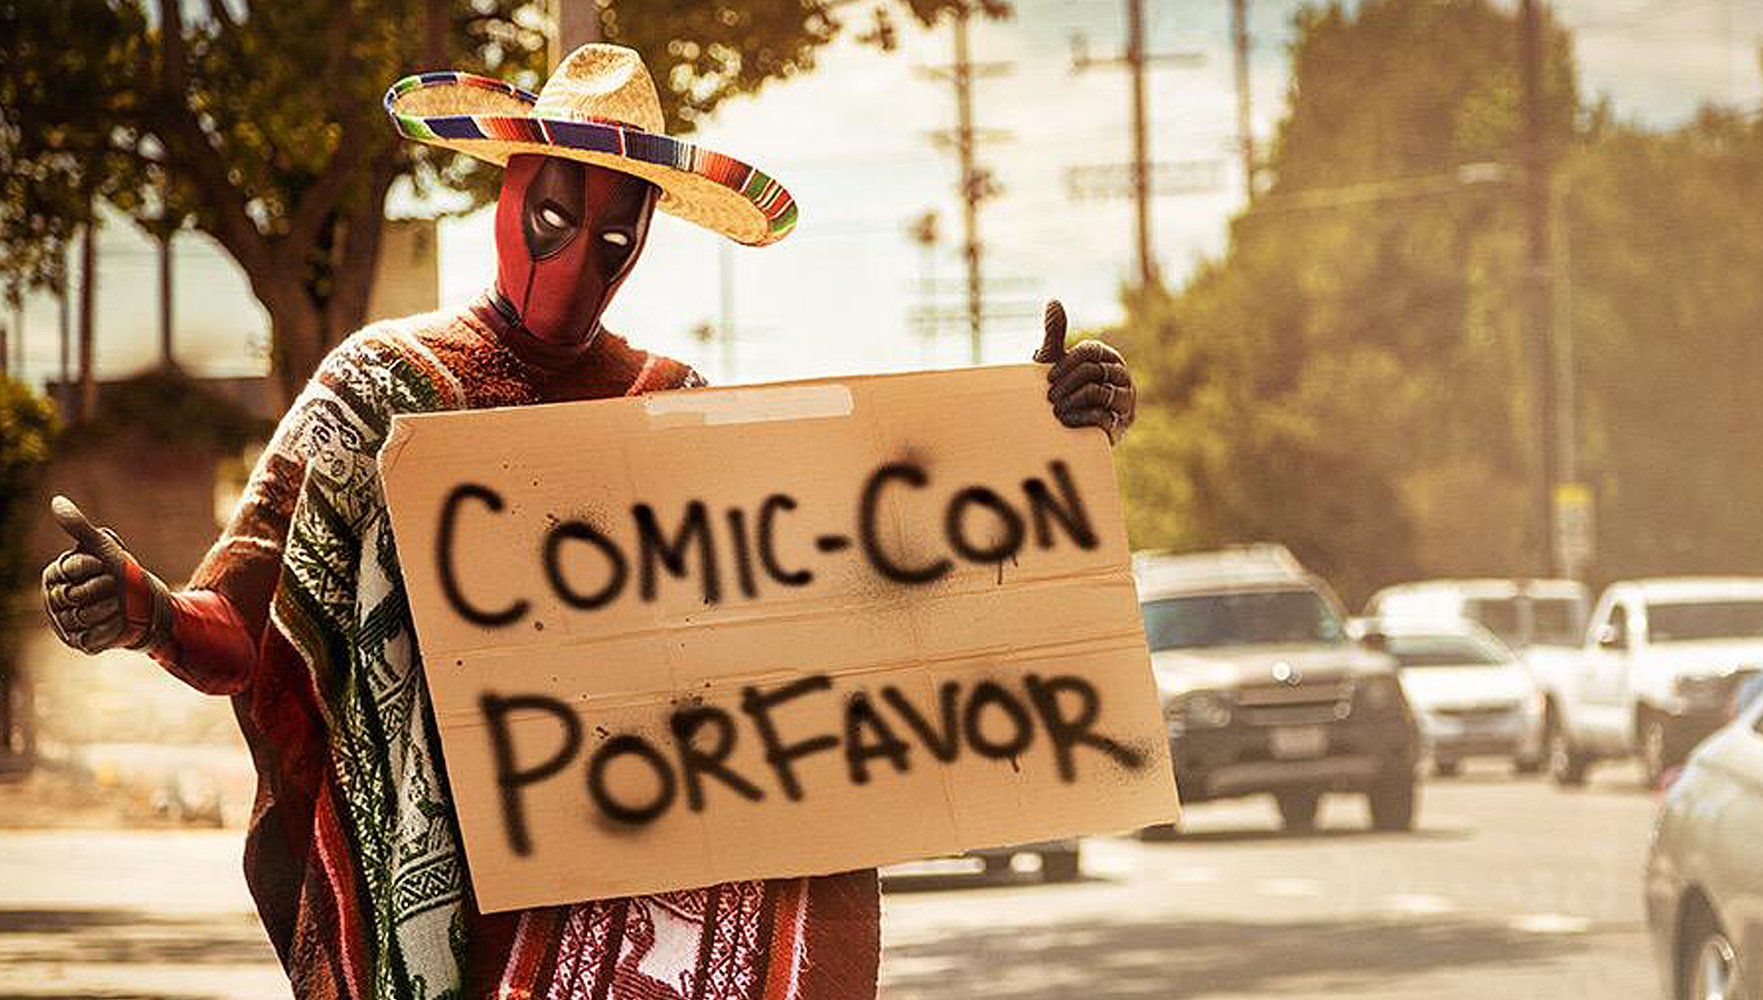 San Diego Comiccon 2015 : des primeurs sur Star Wars, X-Men, Batman v Superman et plein d'autres films!